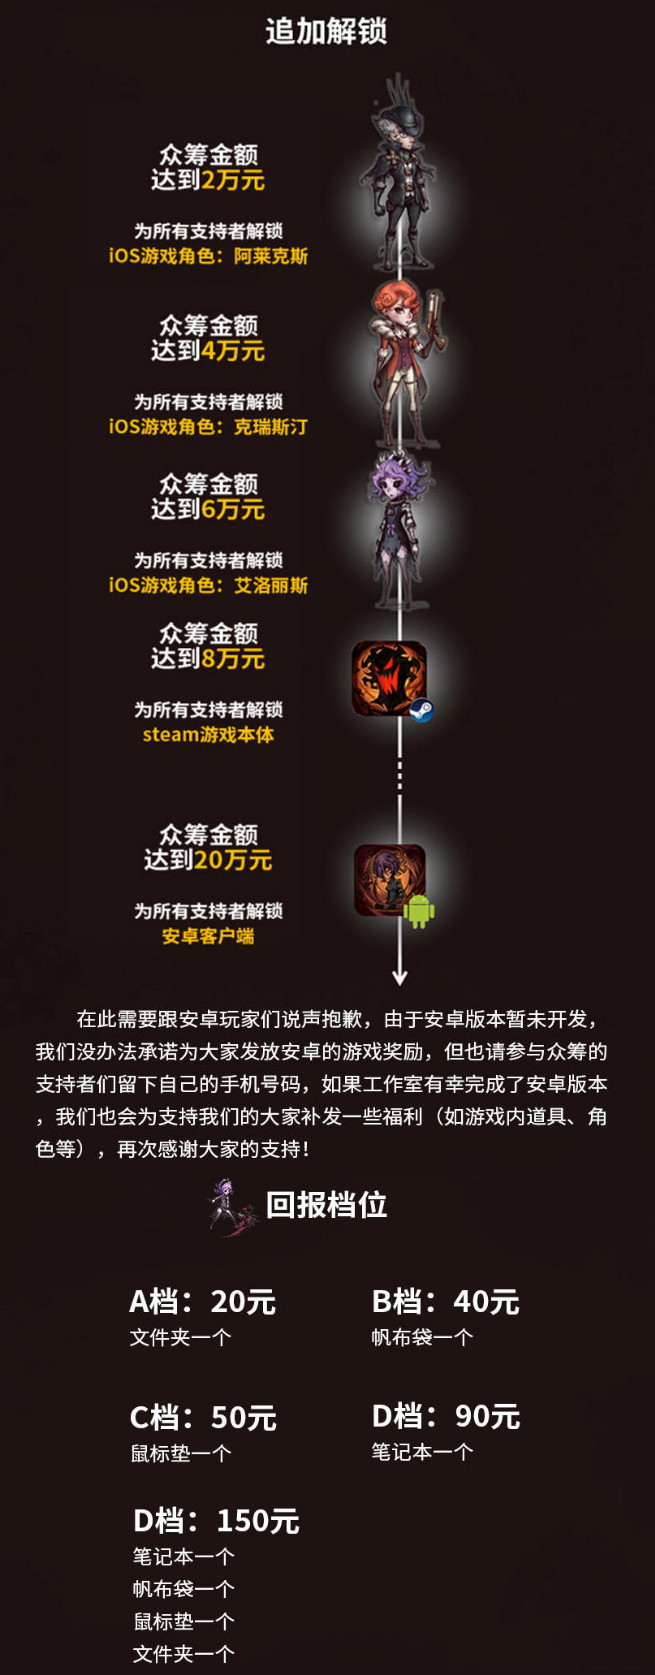 国产动作游戏《异化之地》发起众筹 手游版iOS首发上线